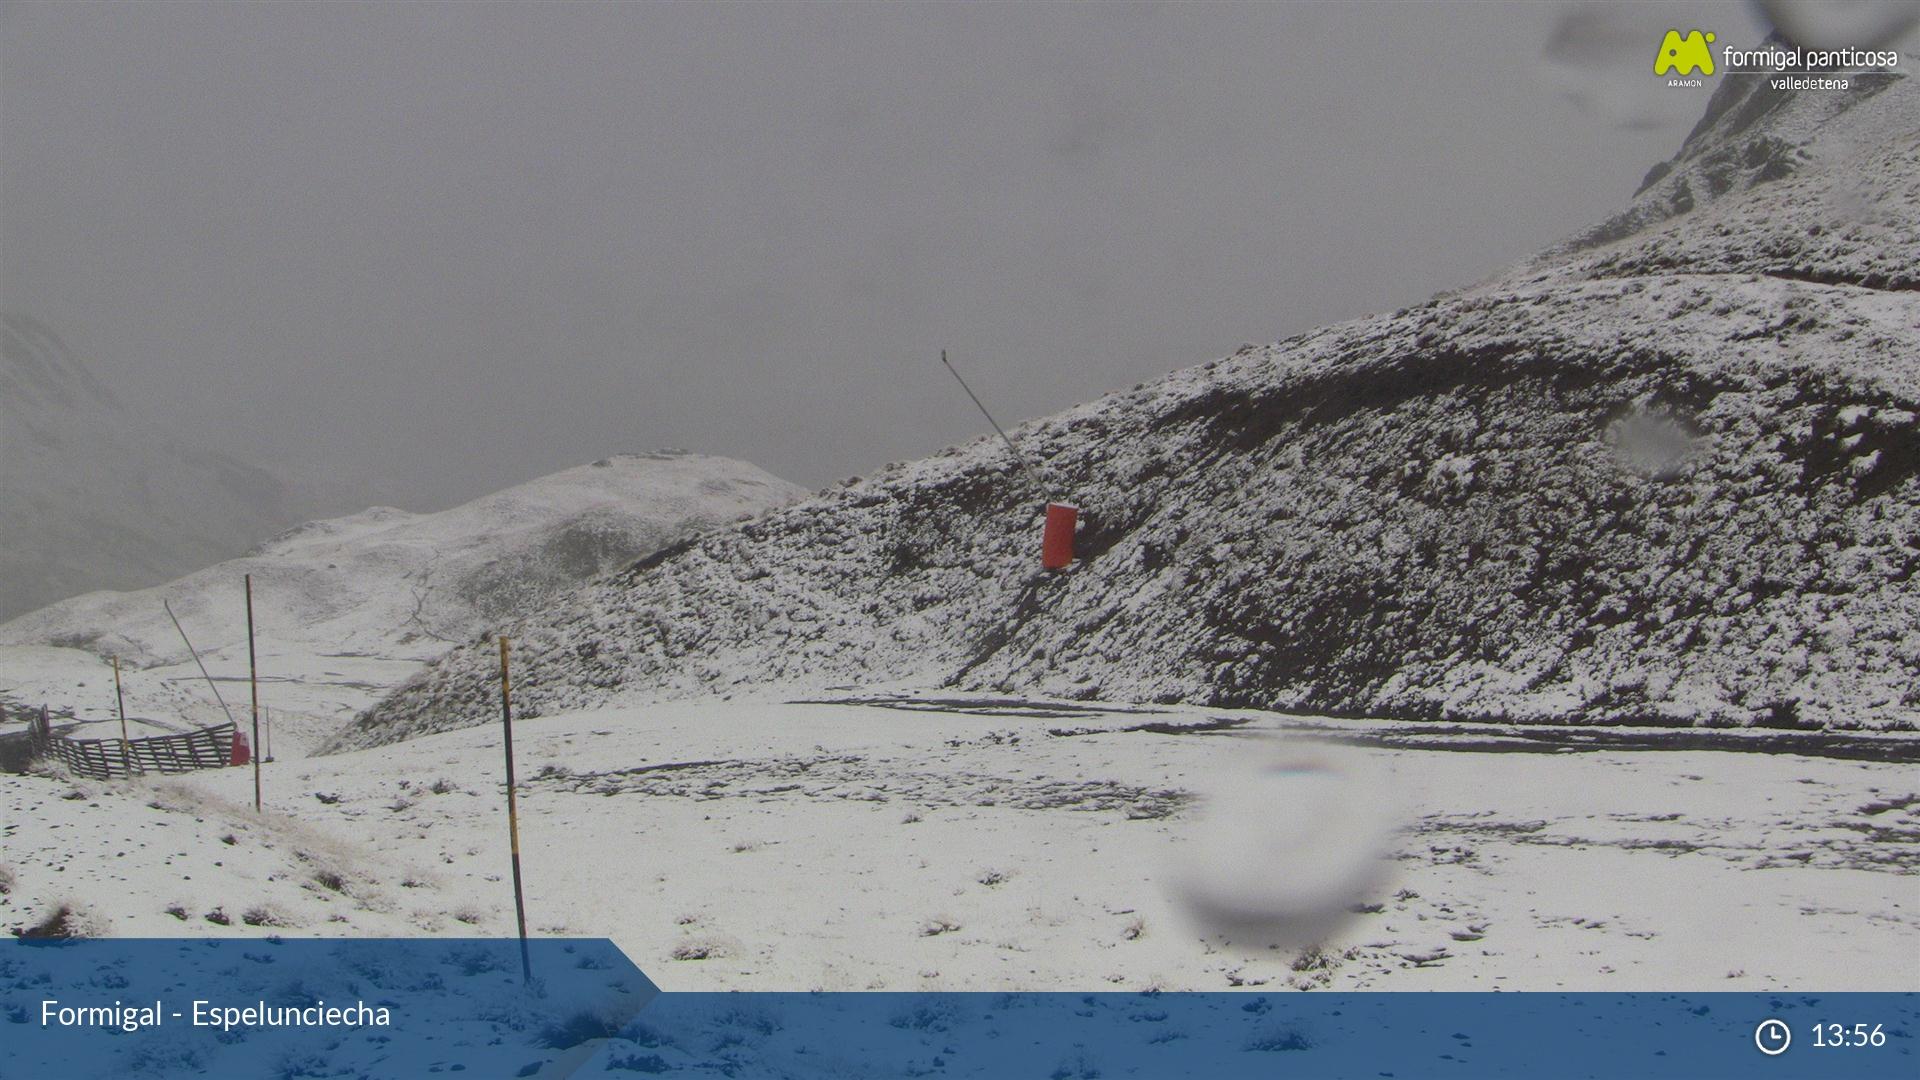 ¡La nieve ya está aquí! Aprovecha los descuentos del plan anticipación para comprar tu forfait